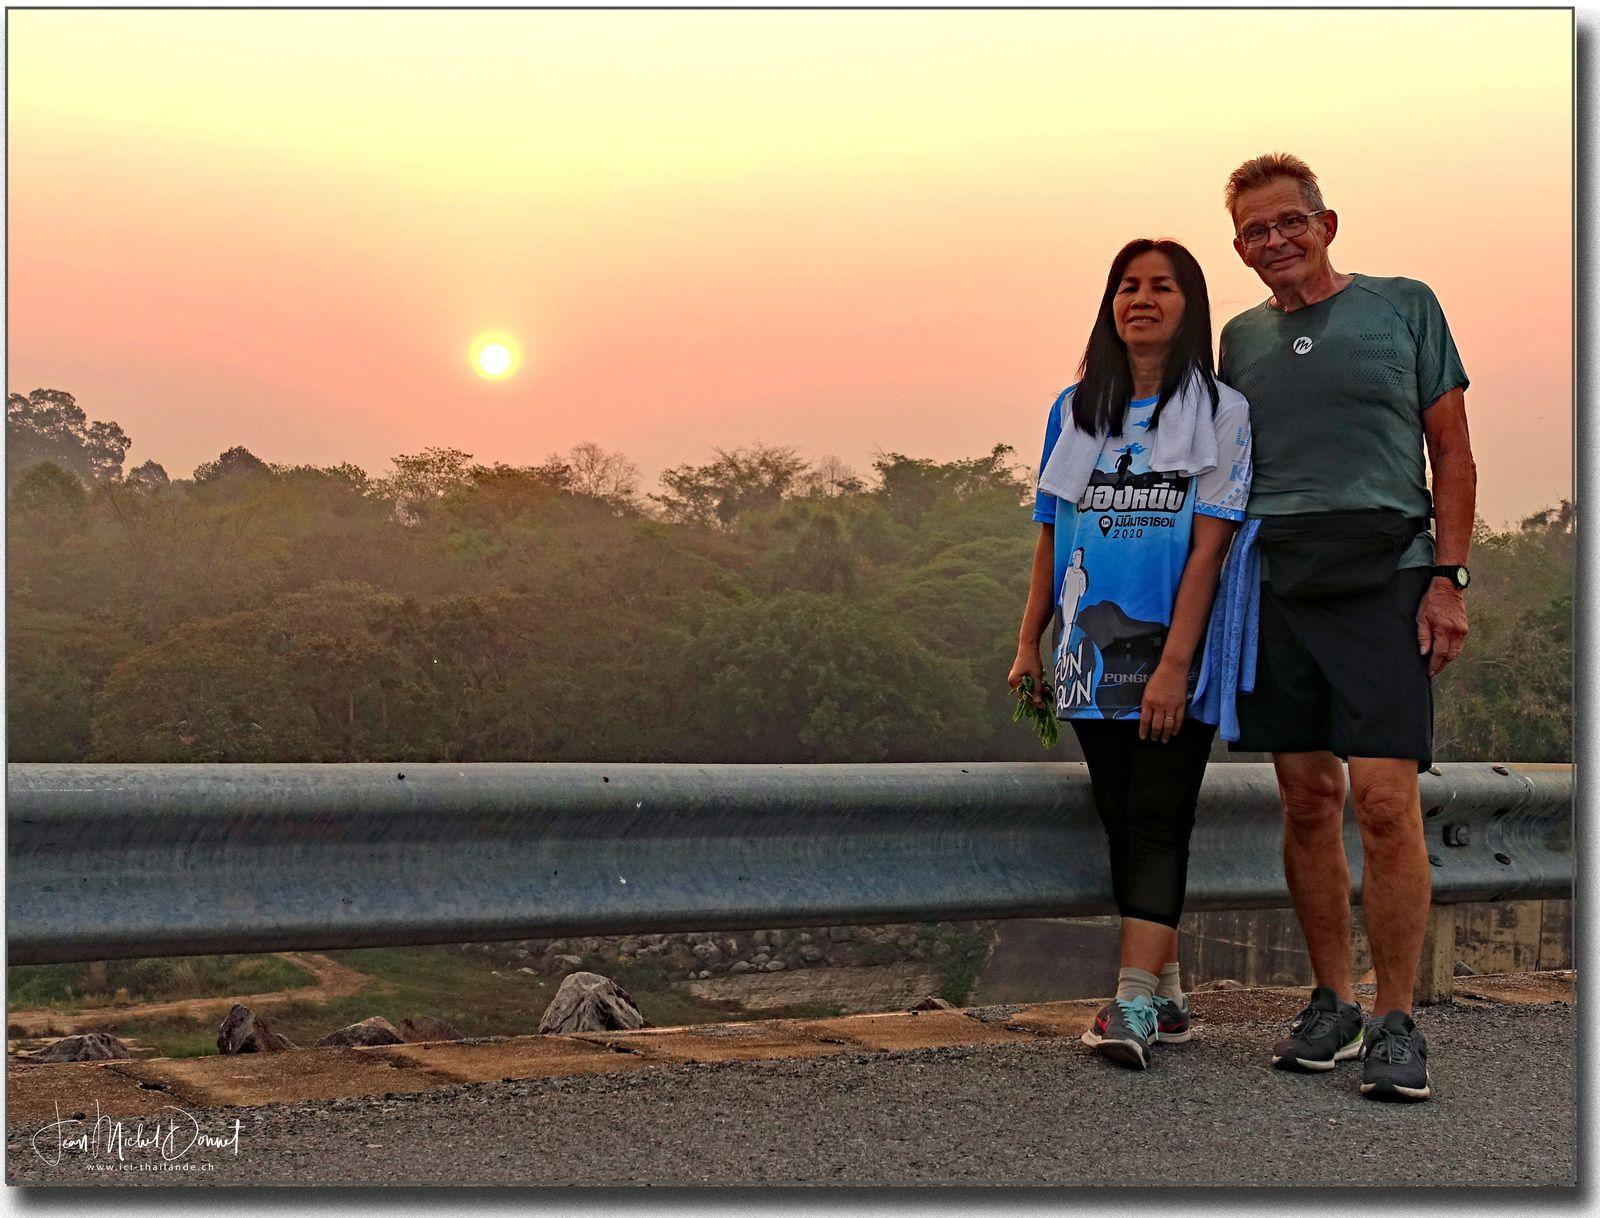 De bonne heure le matin (Thaïlande)